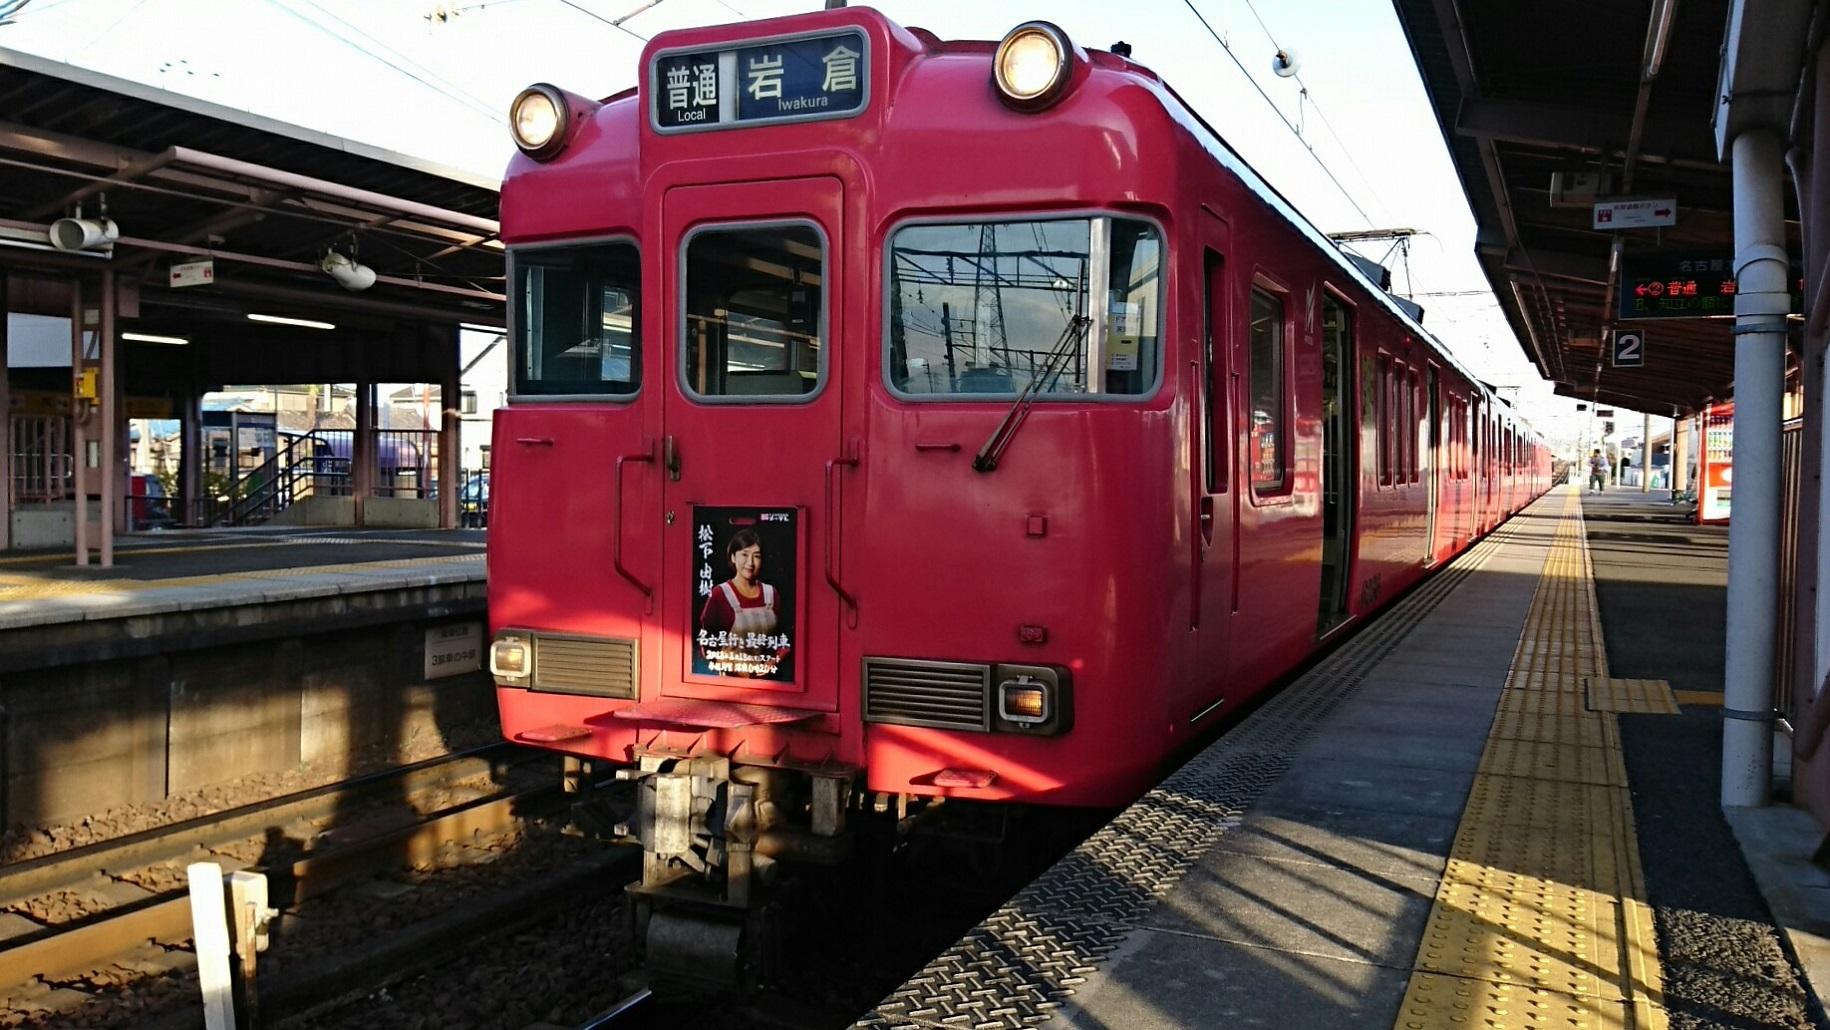 2018.3.4 (38) 矢作橋 - 岩倉いきふつう 1830-1030